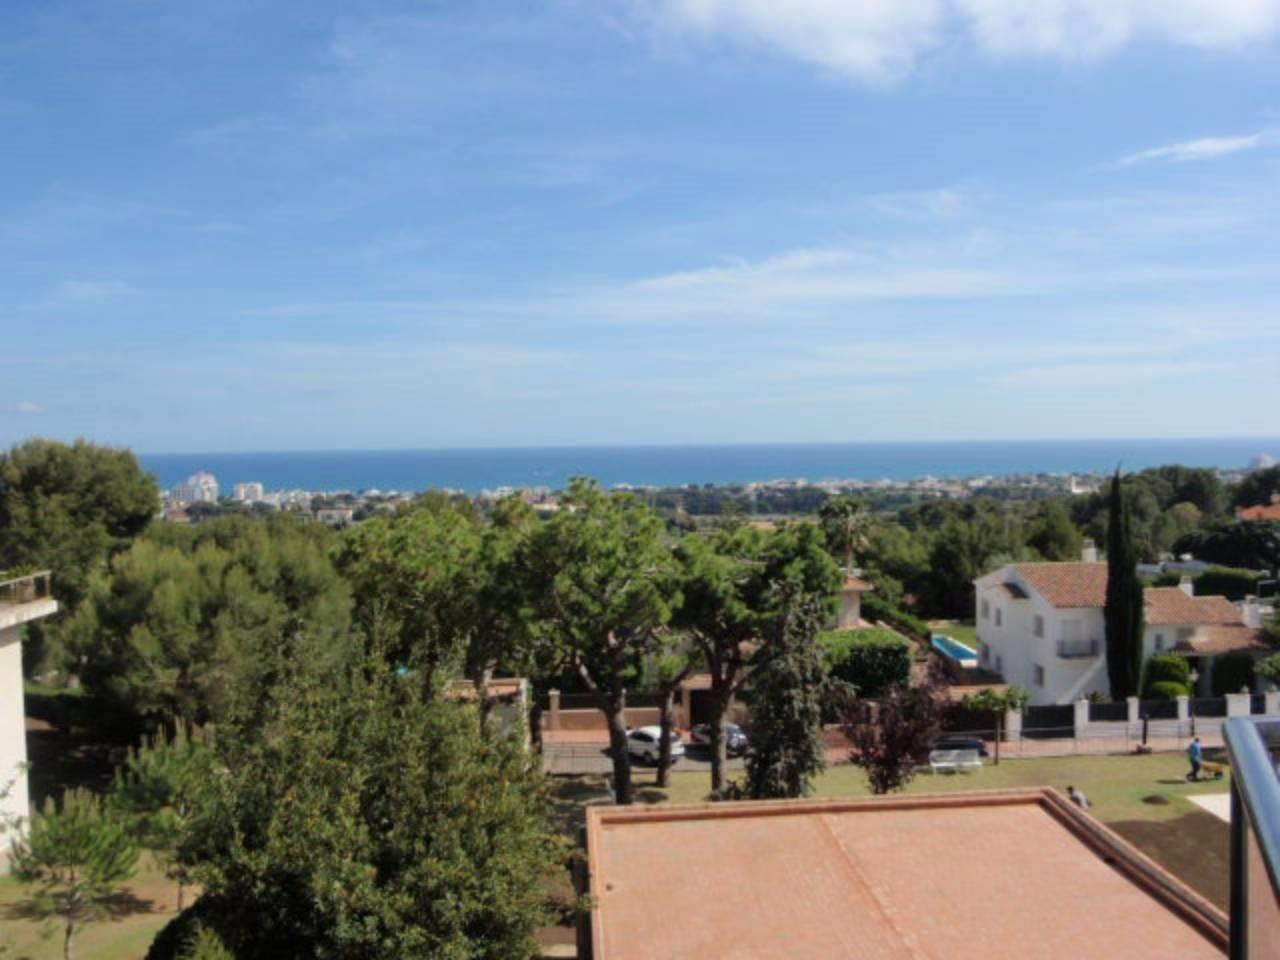 Piso con fántasticas vistas al mar en Sitges. Zona residencial Santa Barbara.